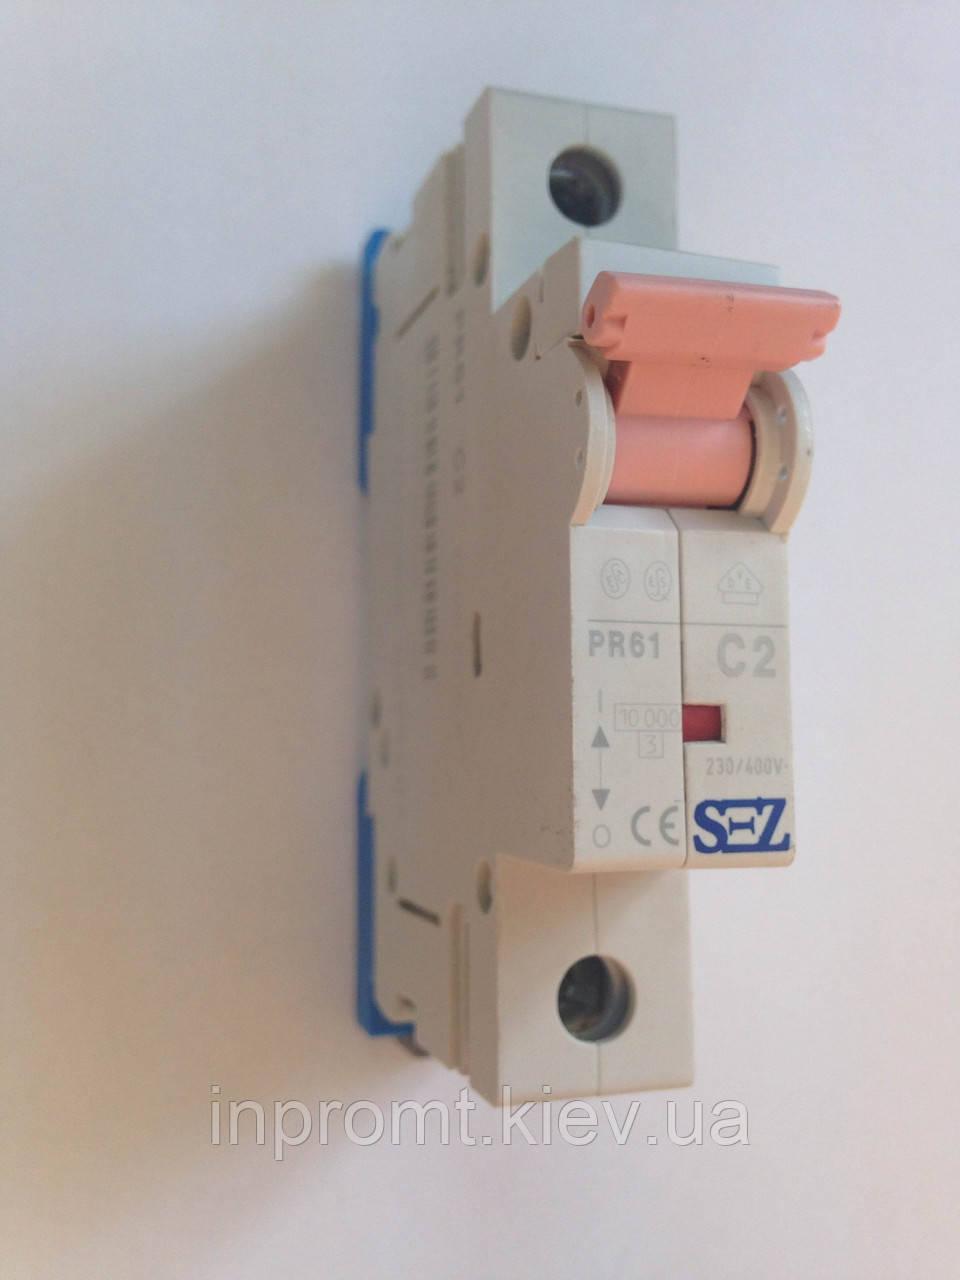 Автоматический выключатель PR61С2